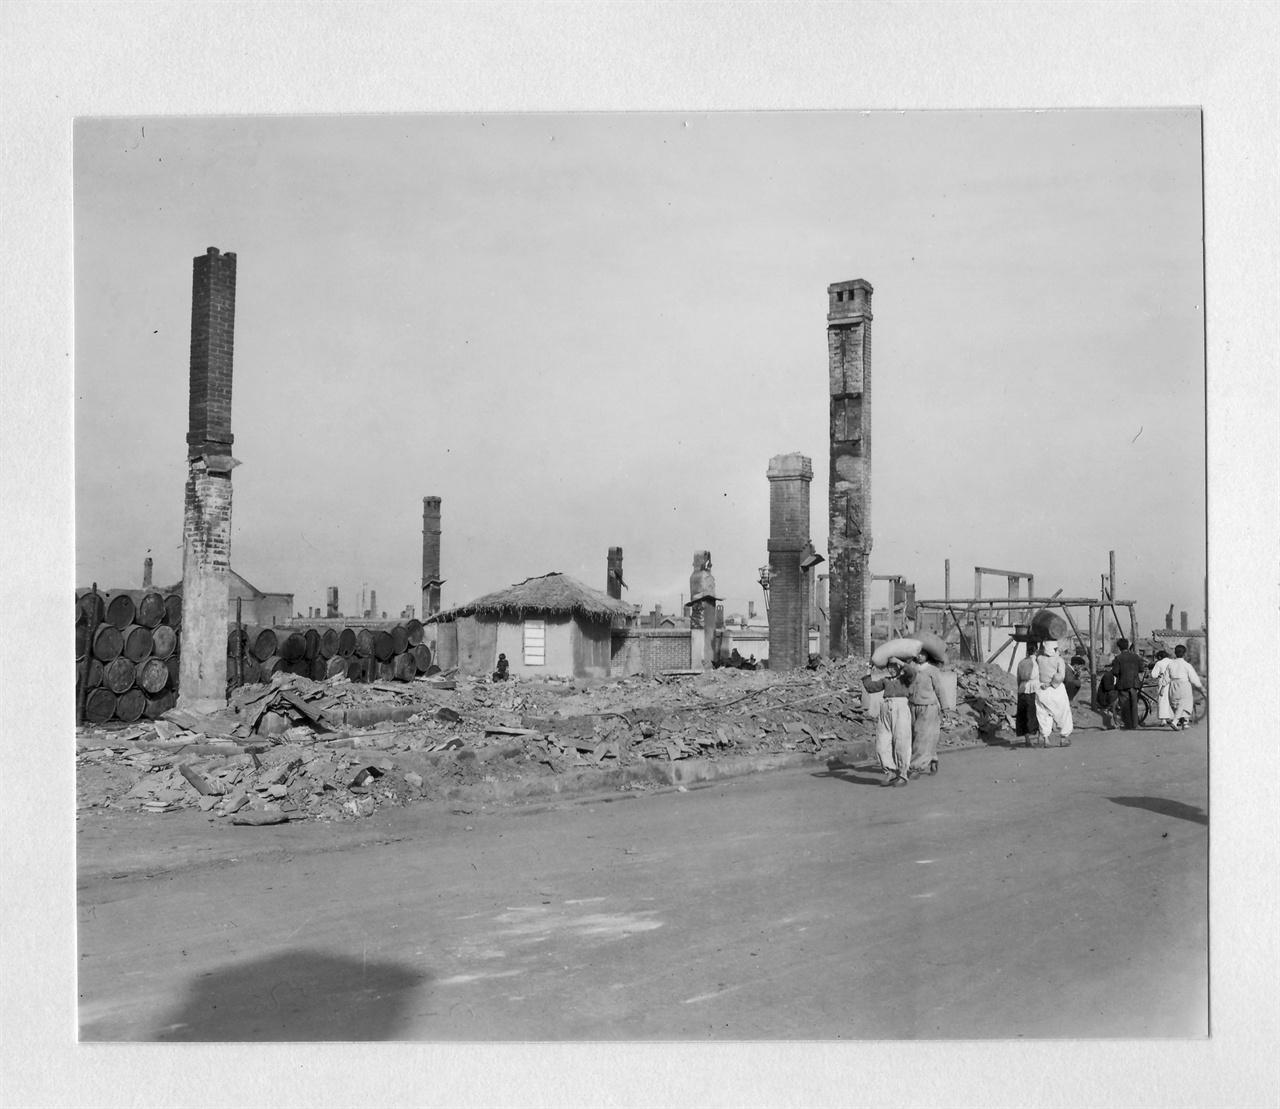 1950. 11. 20. 굴뚝만 남은 원산의 공장지대